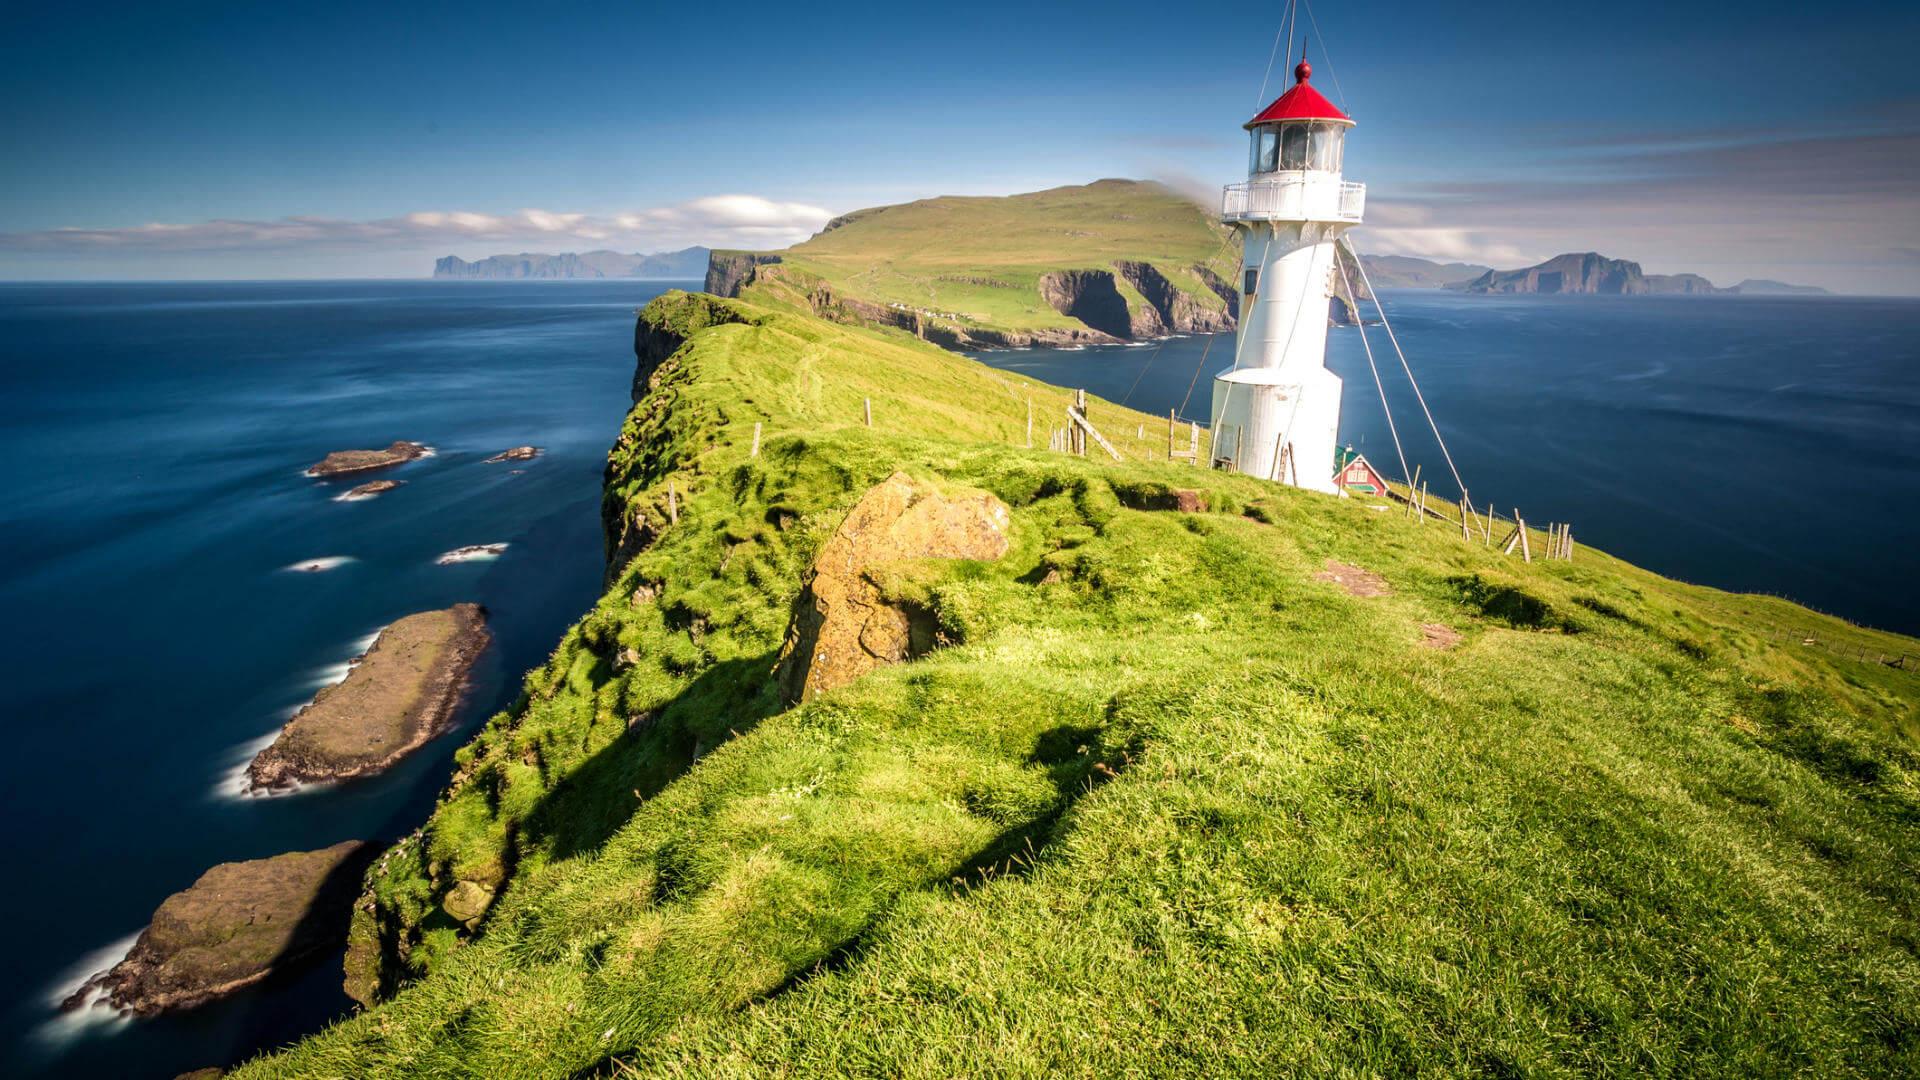 Islas nórdicas: cinco destinos para huir del calor este verano - El ...